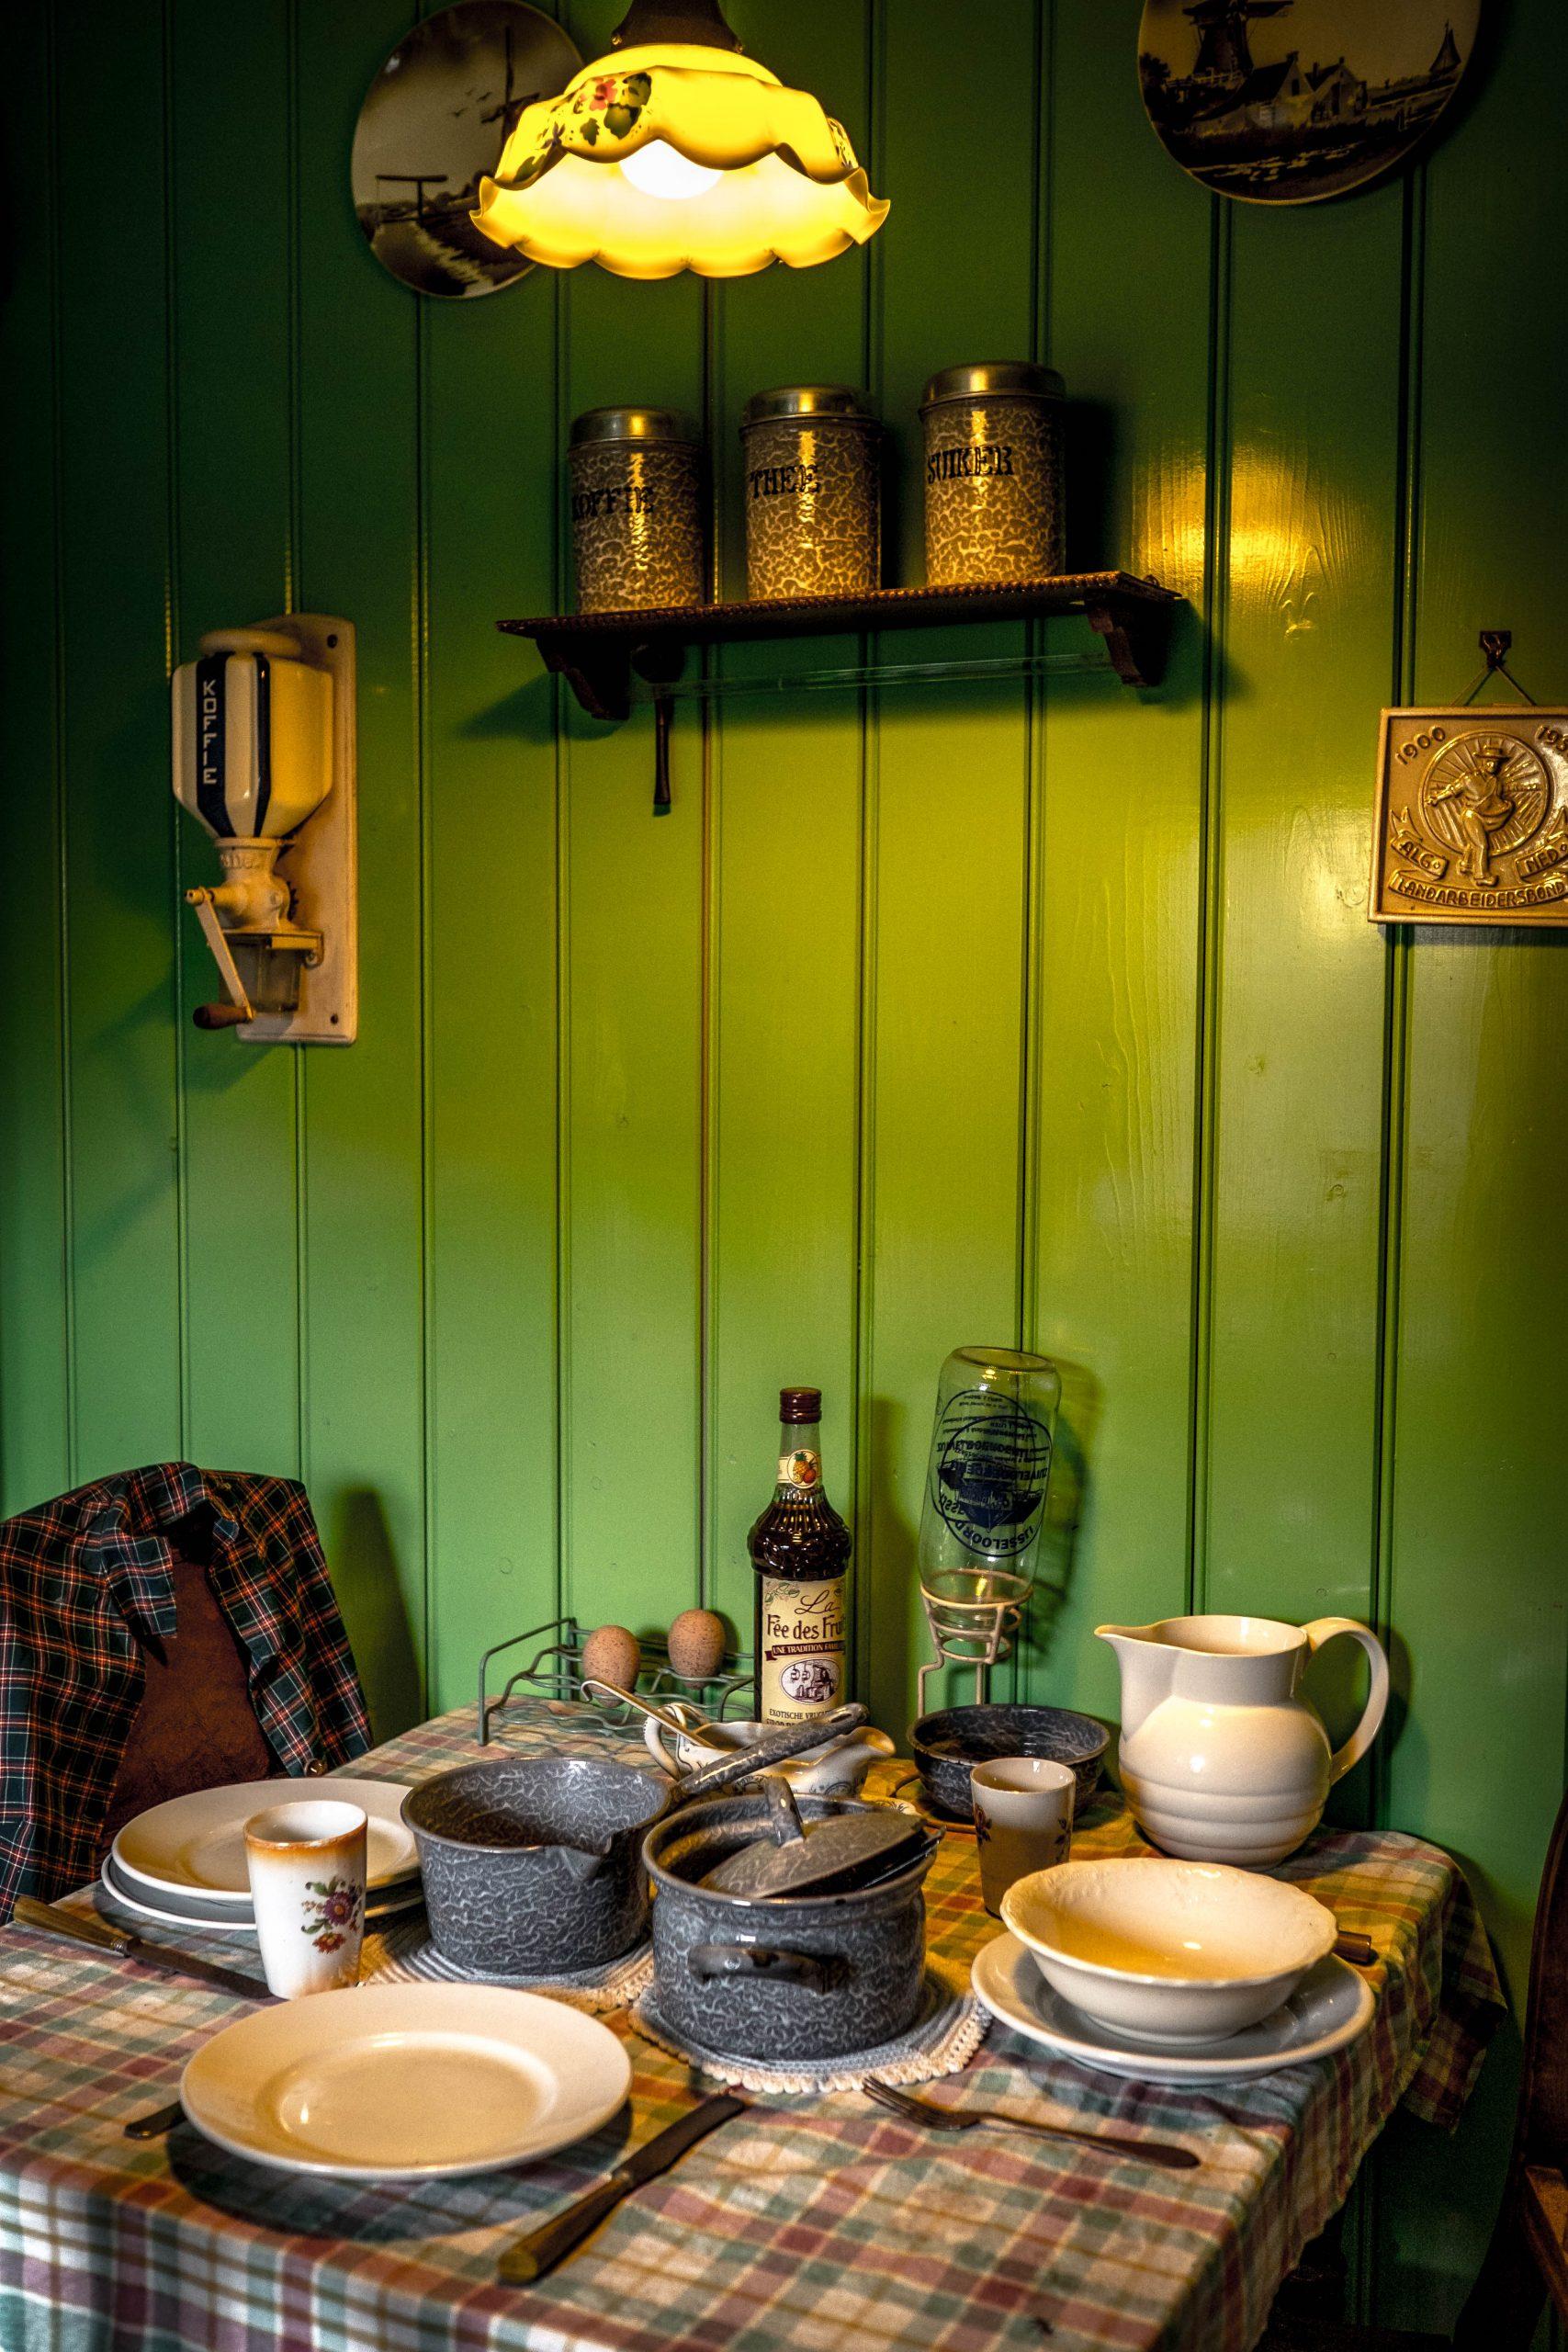 Vintage dutch interior #3